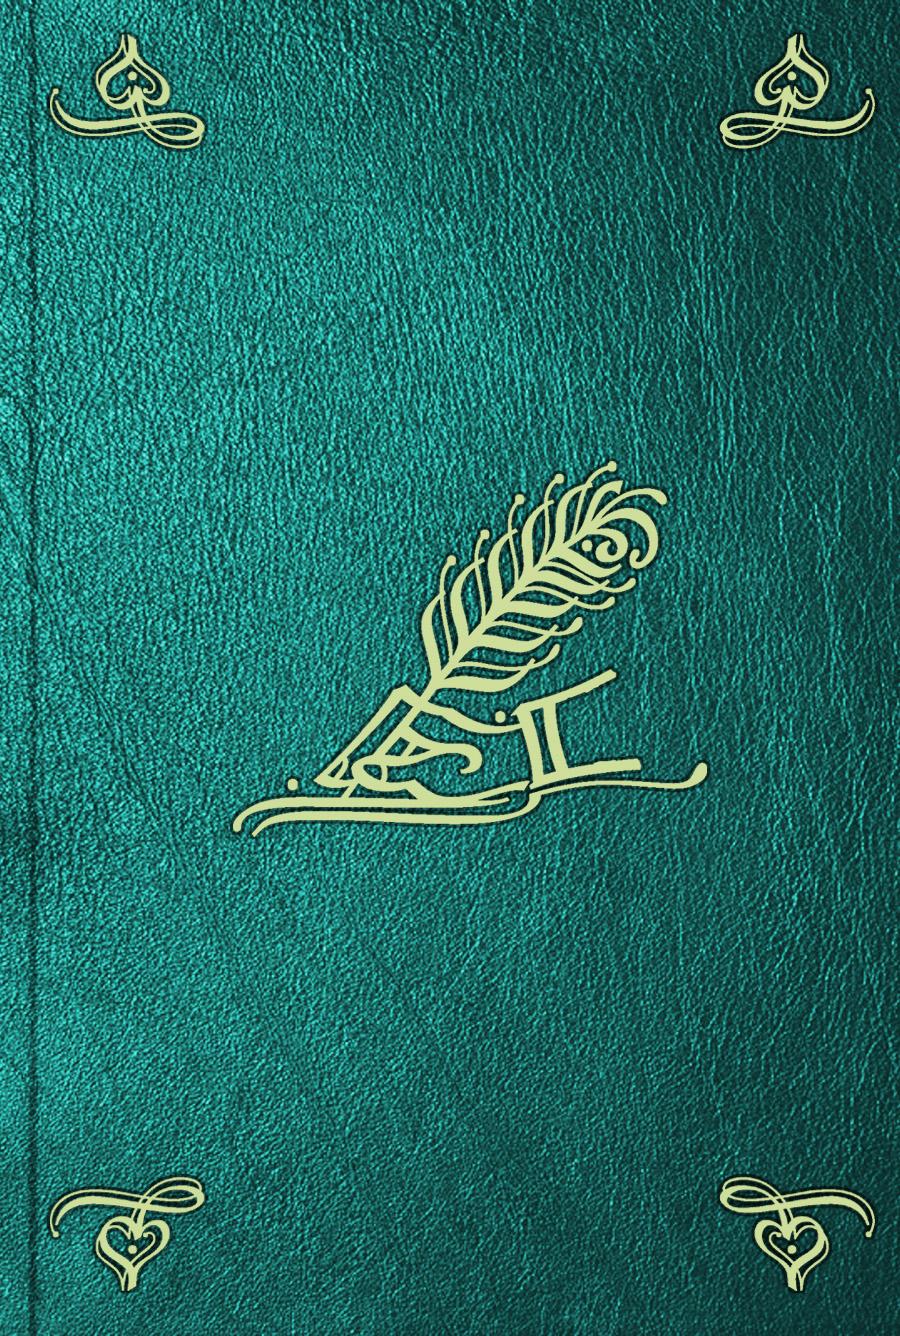 Comte de Buffon Georges Louis Leclerc Histoire naturelle. T. 17. Oiseaux comte de buffon georges louis leclerc histoire naturelle t 6 oiseaux